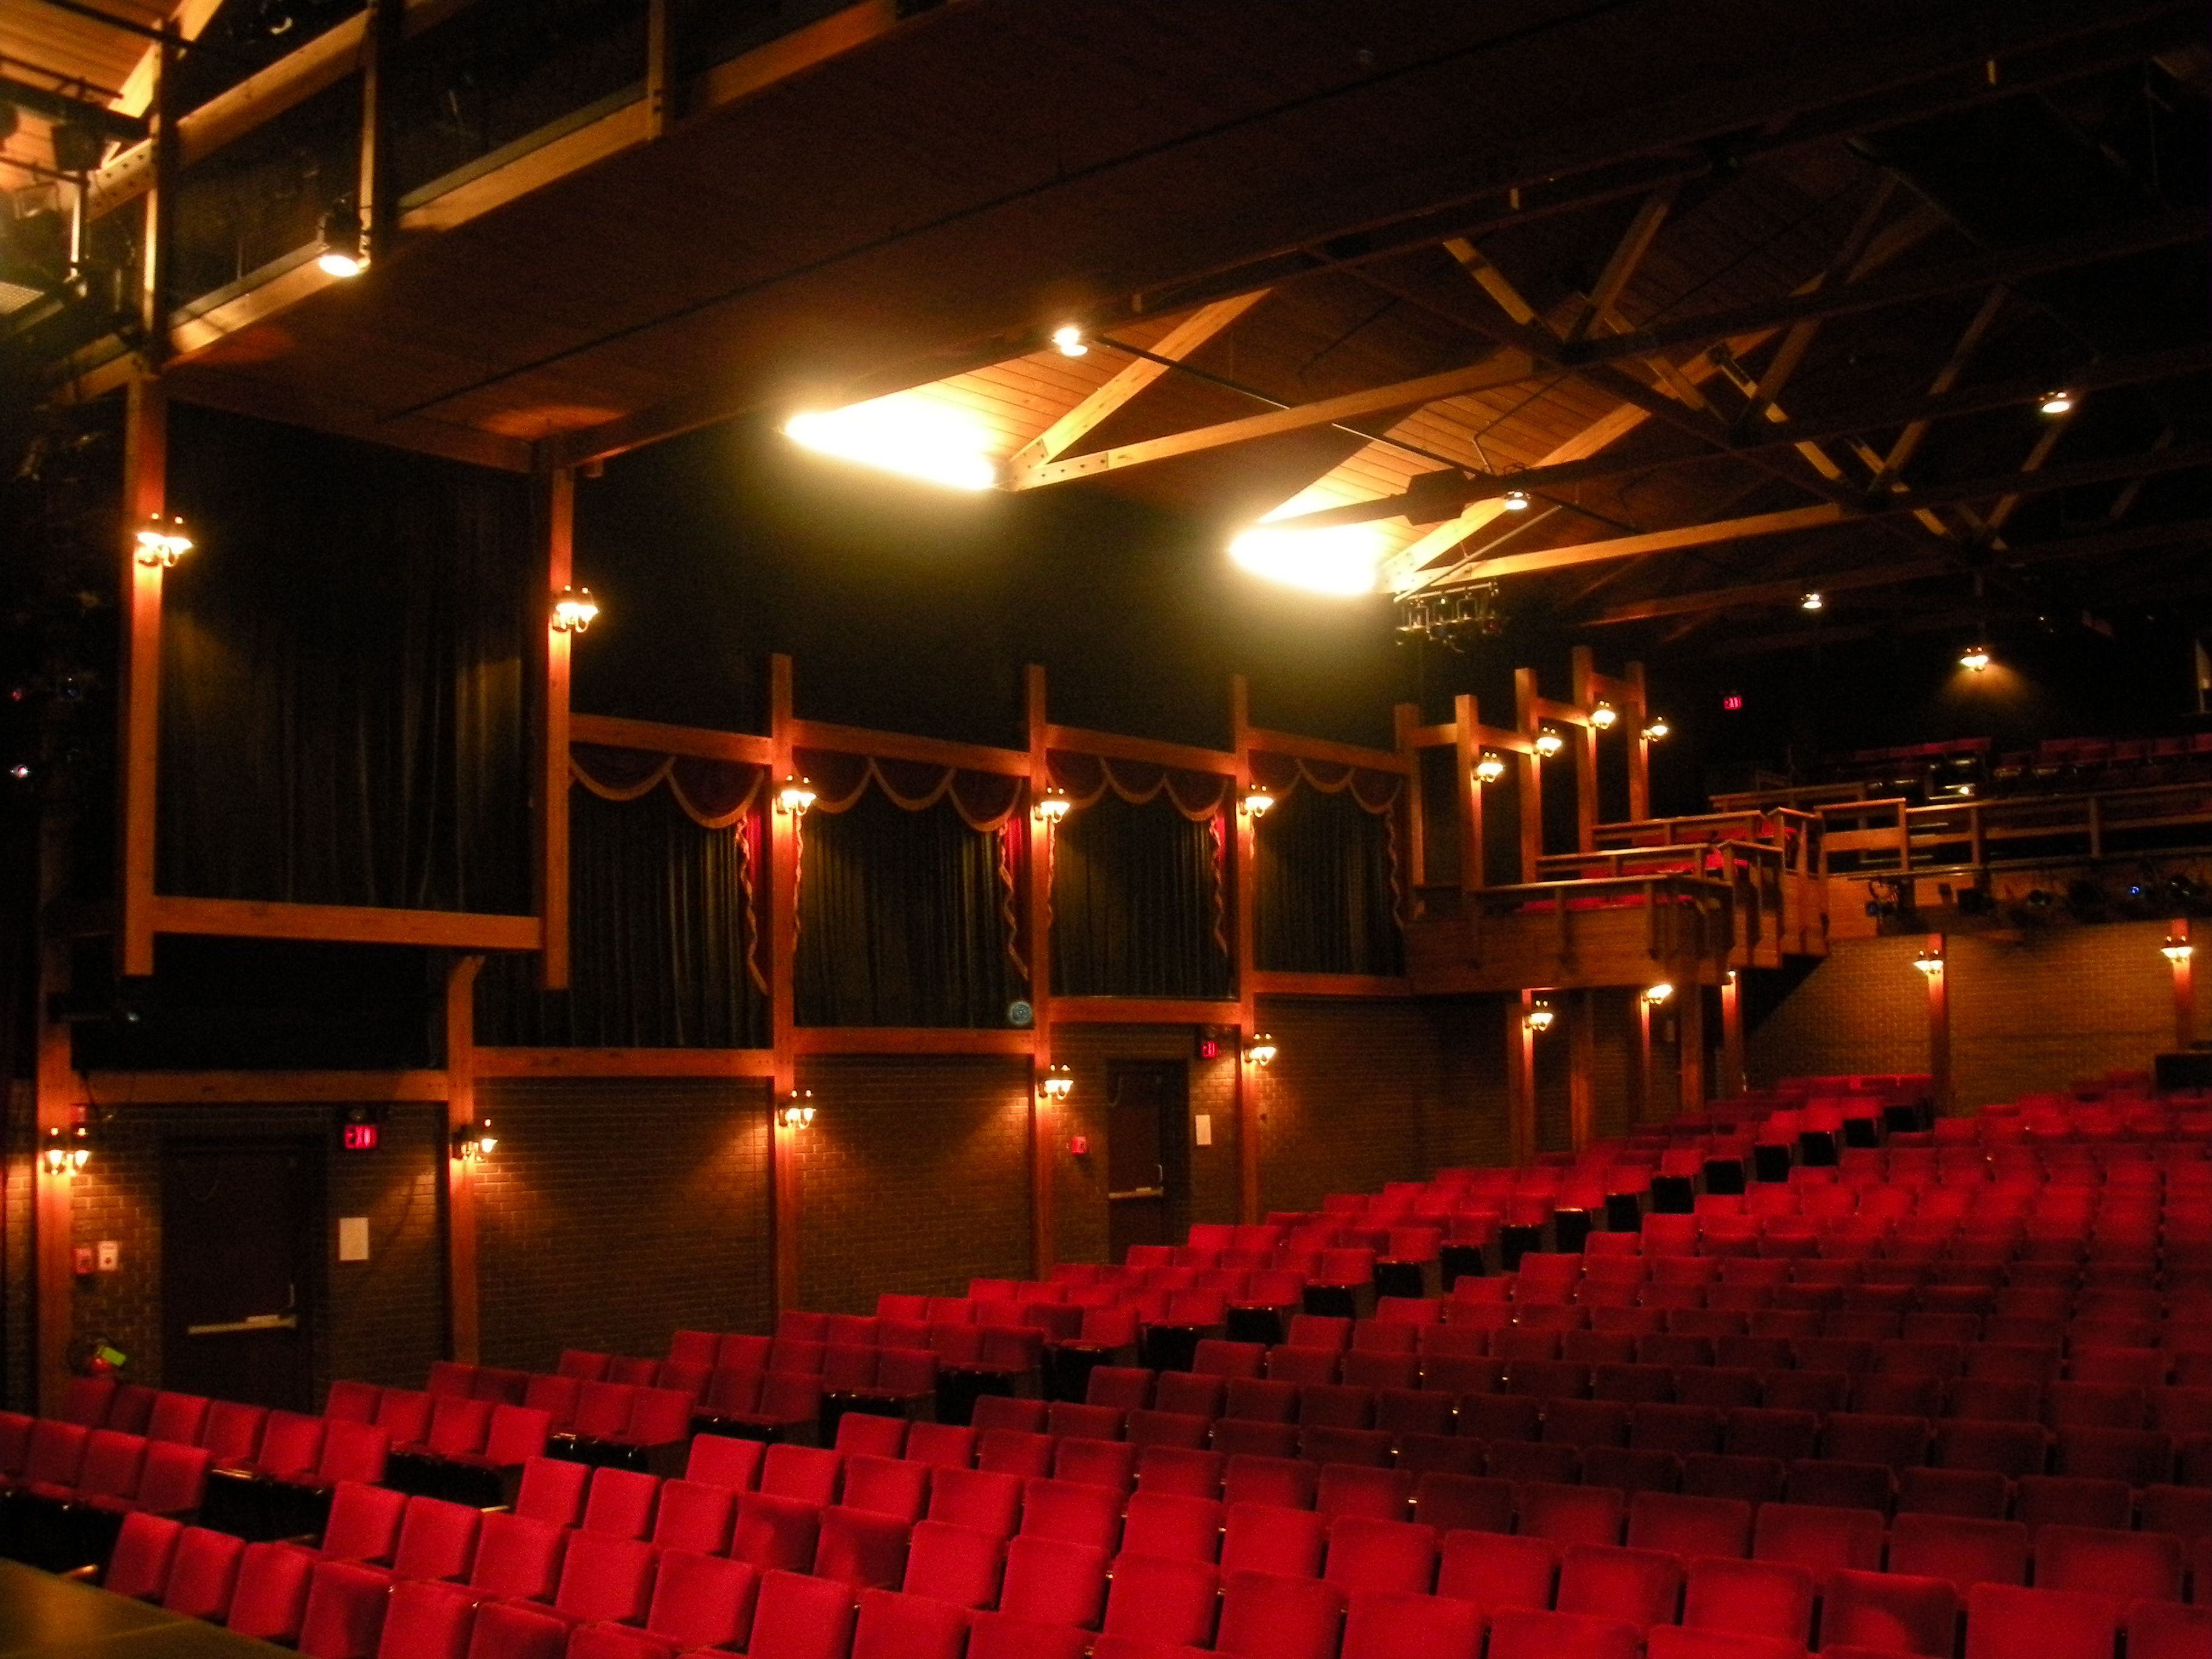 7 Best Sugar Loaf Performing Arts Center Images Performing Arts Center Types Of Art Art Event